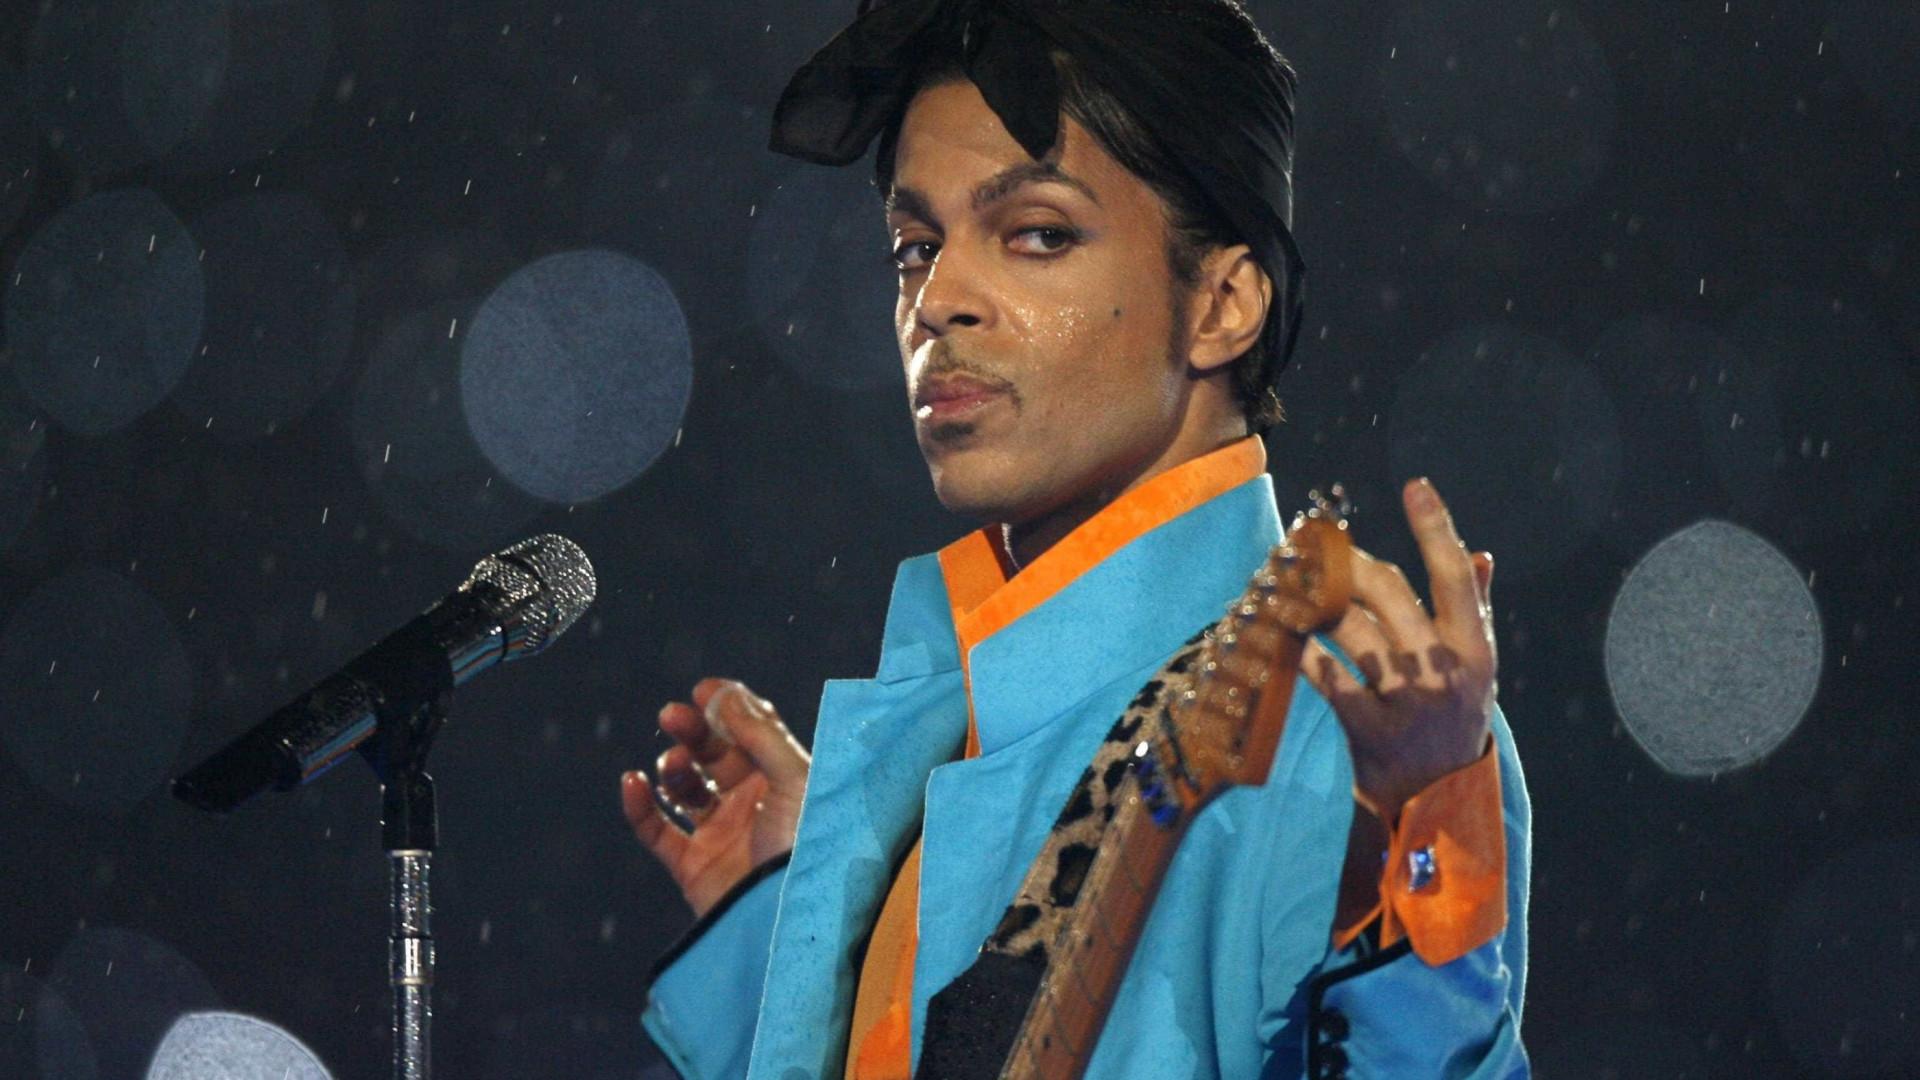 Álbum inédito de Prince chega hoje às lojas